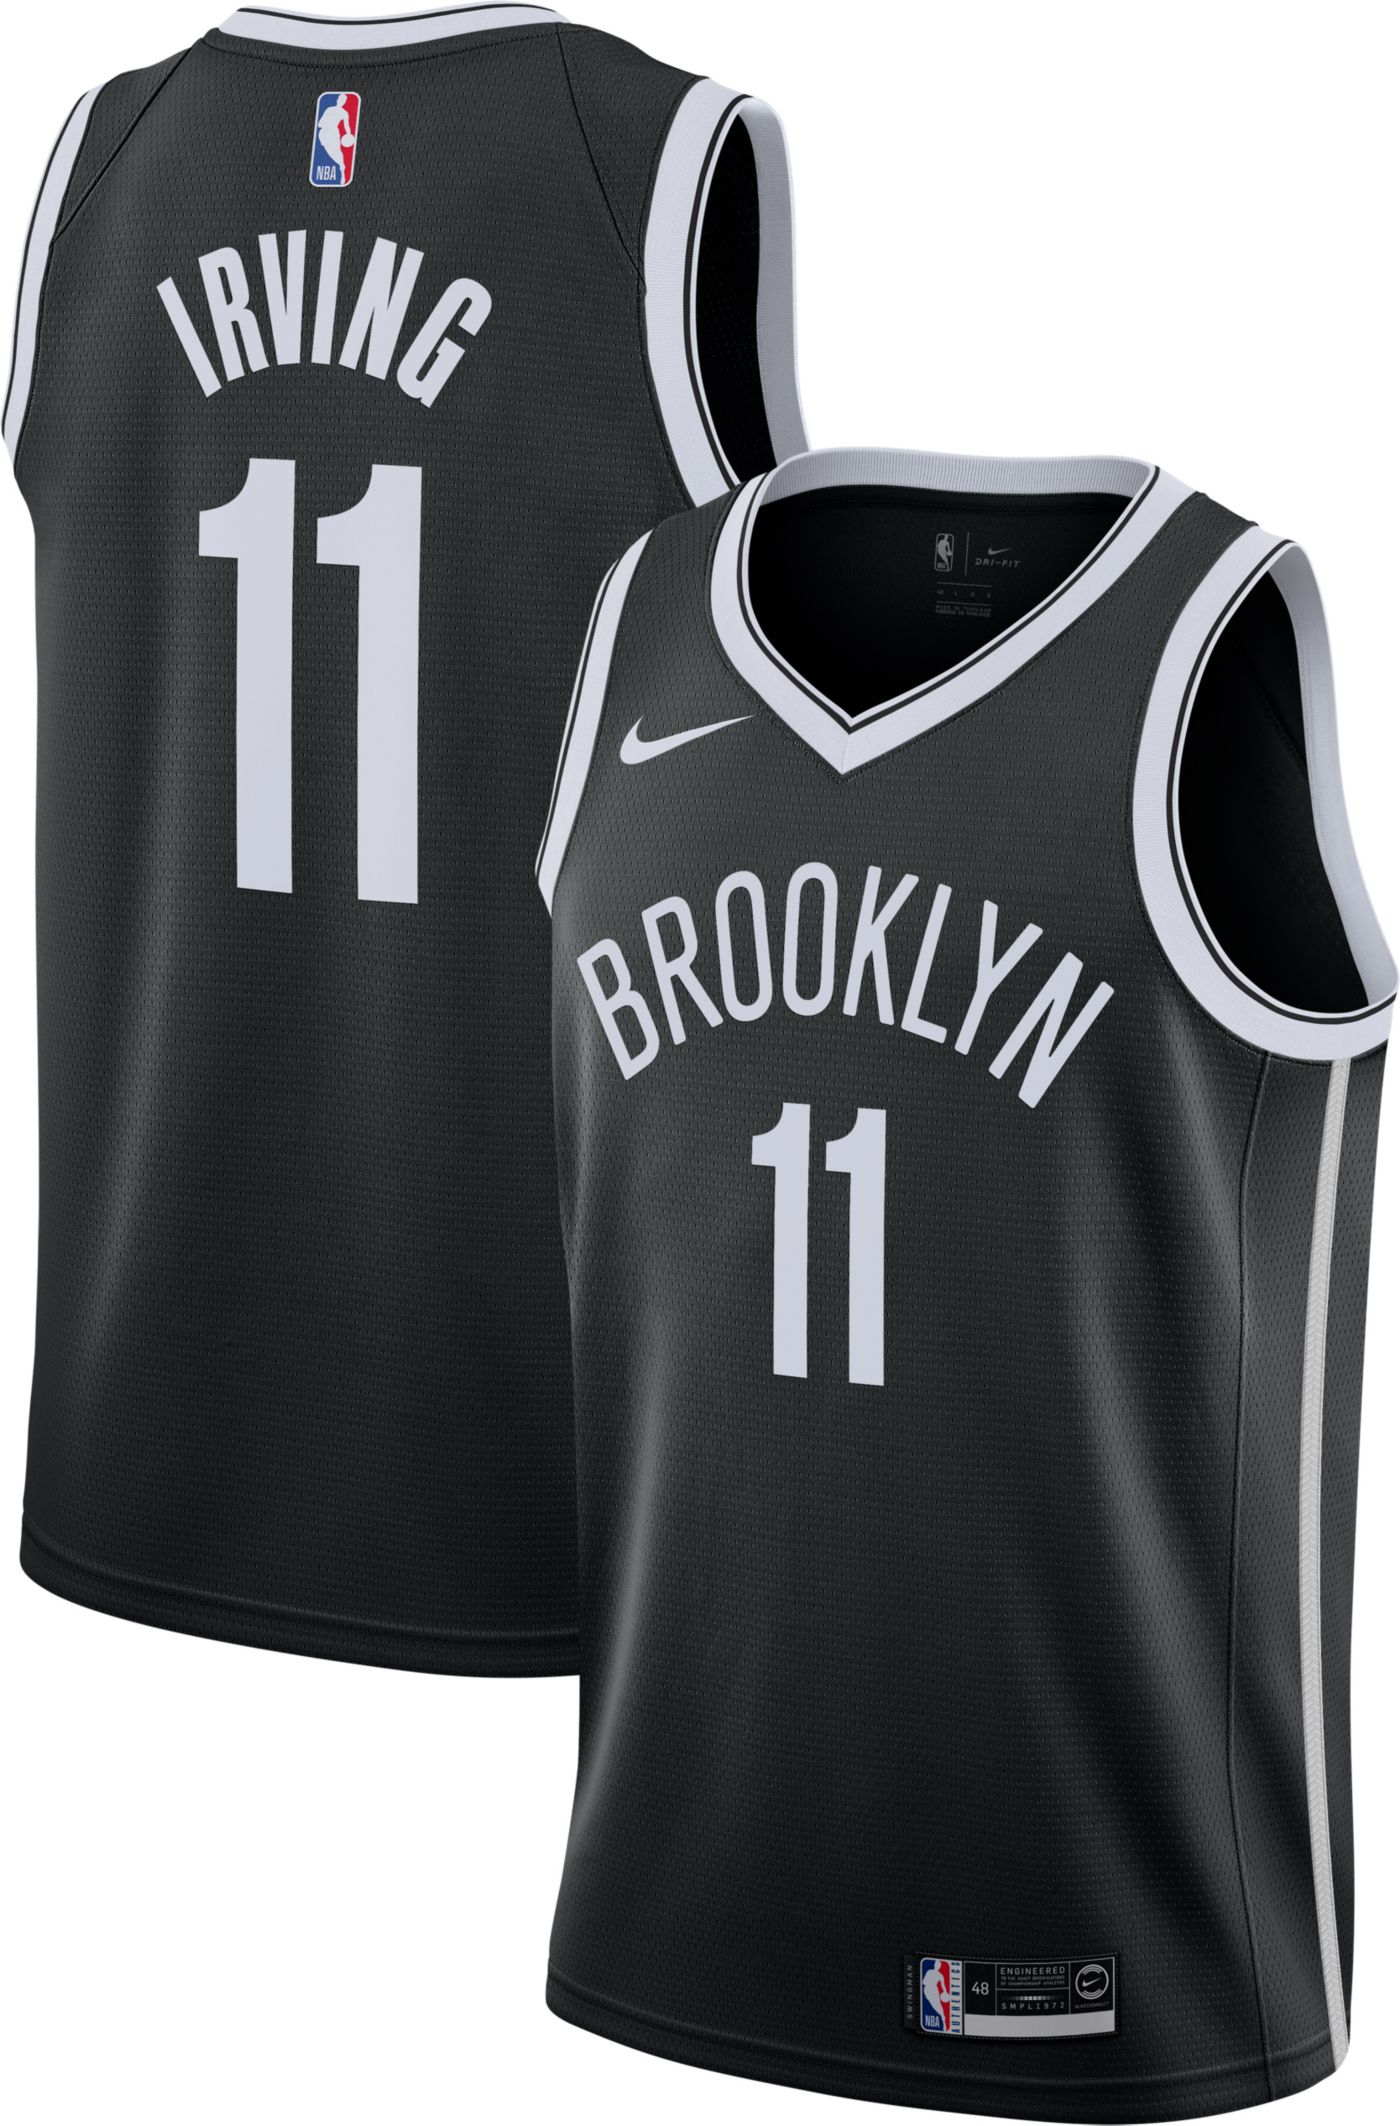 Nike Men's Brooklyn Nets Kyrie Irving #11 Black Dri-FIT Swingman Jersey